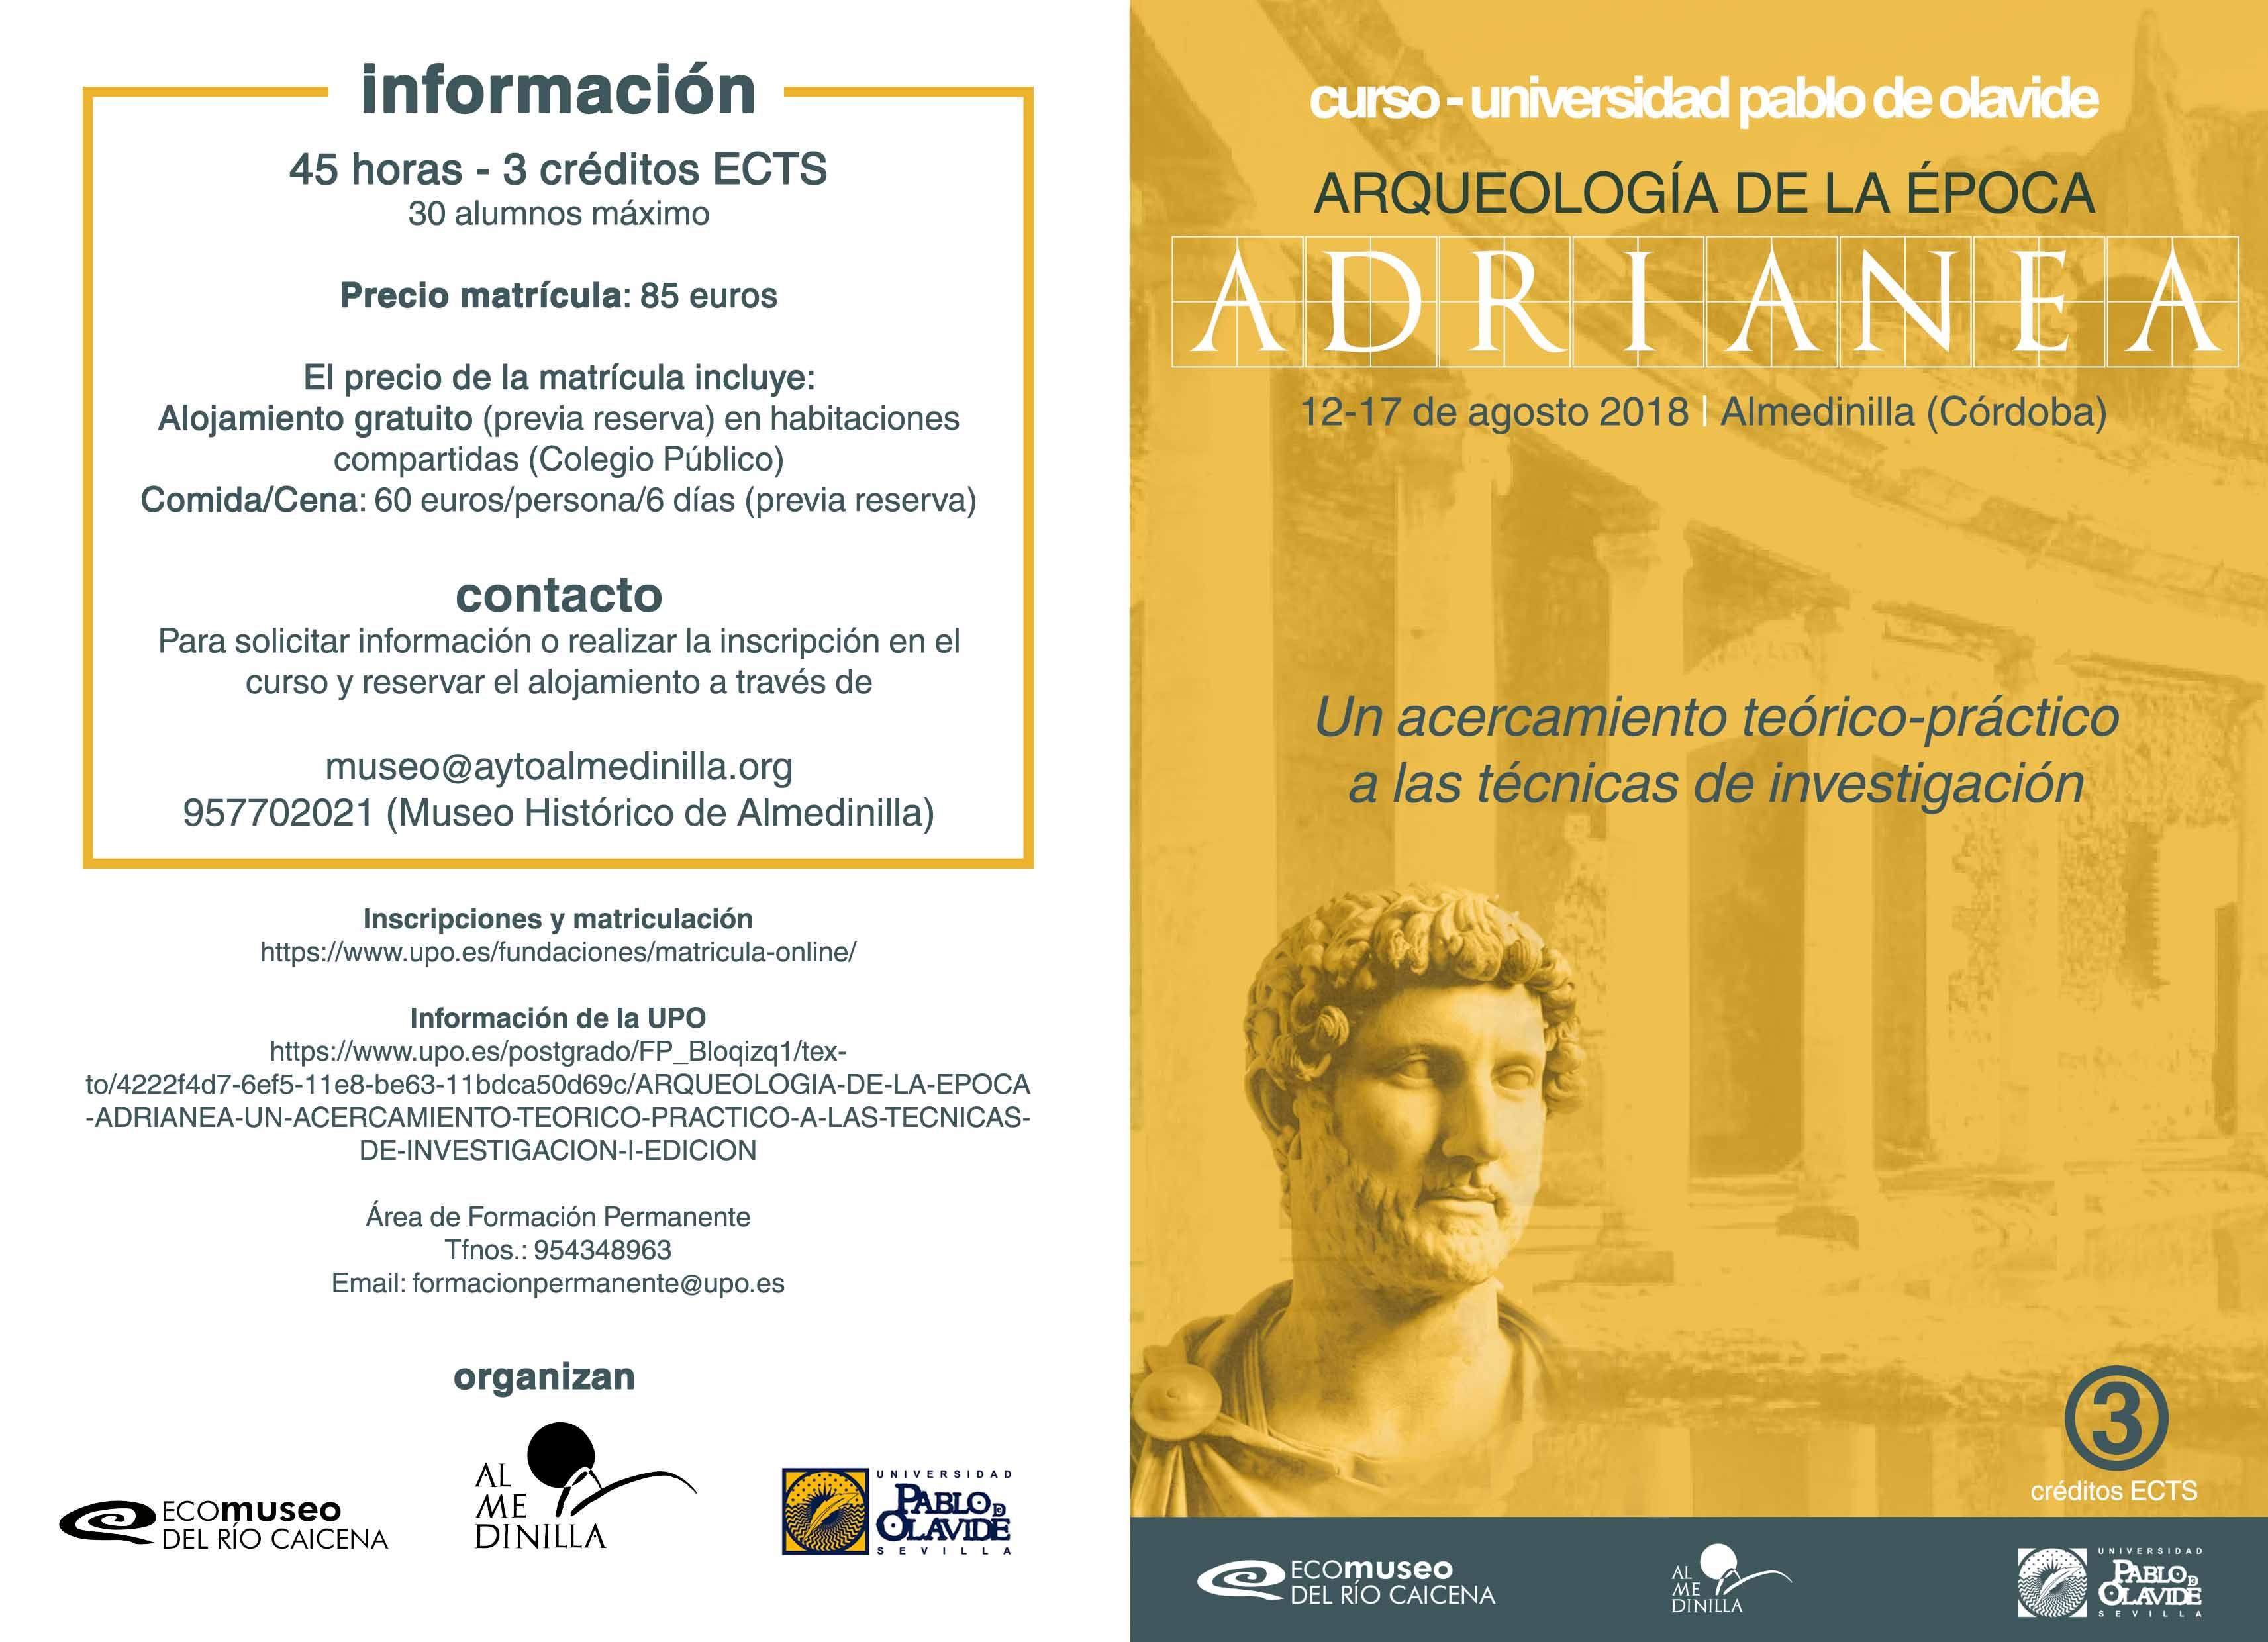 Programa Curso Arqueología Adrianea 2 def